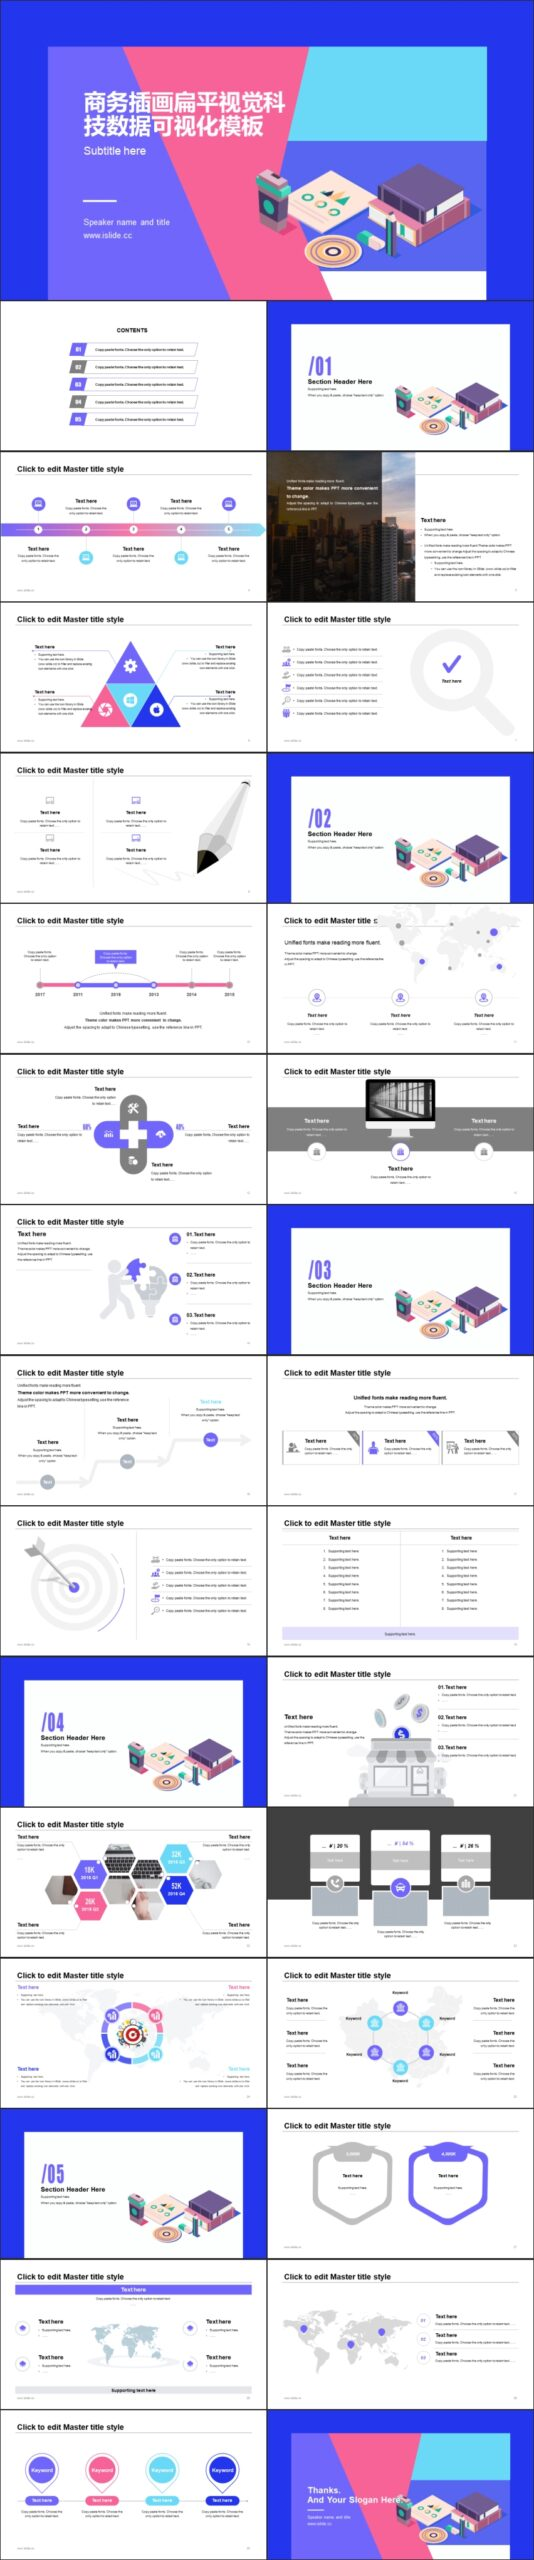 插畫風格數據可視化PPT模板_預覽圖2